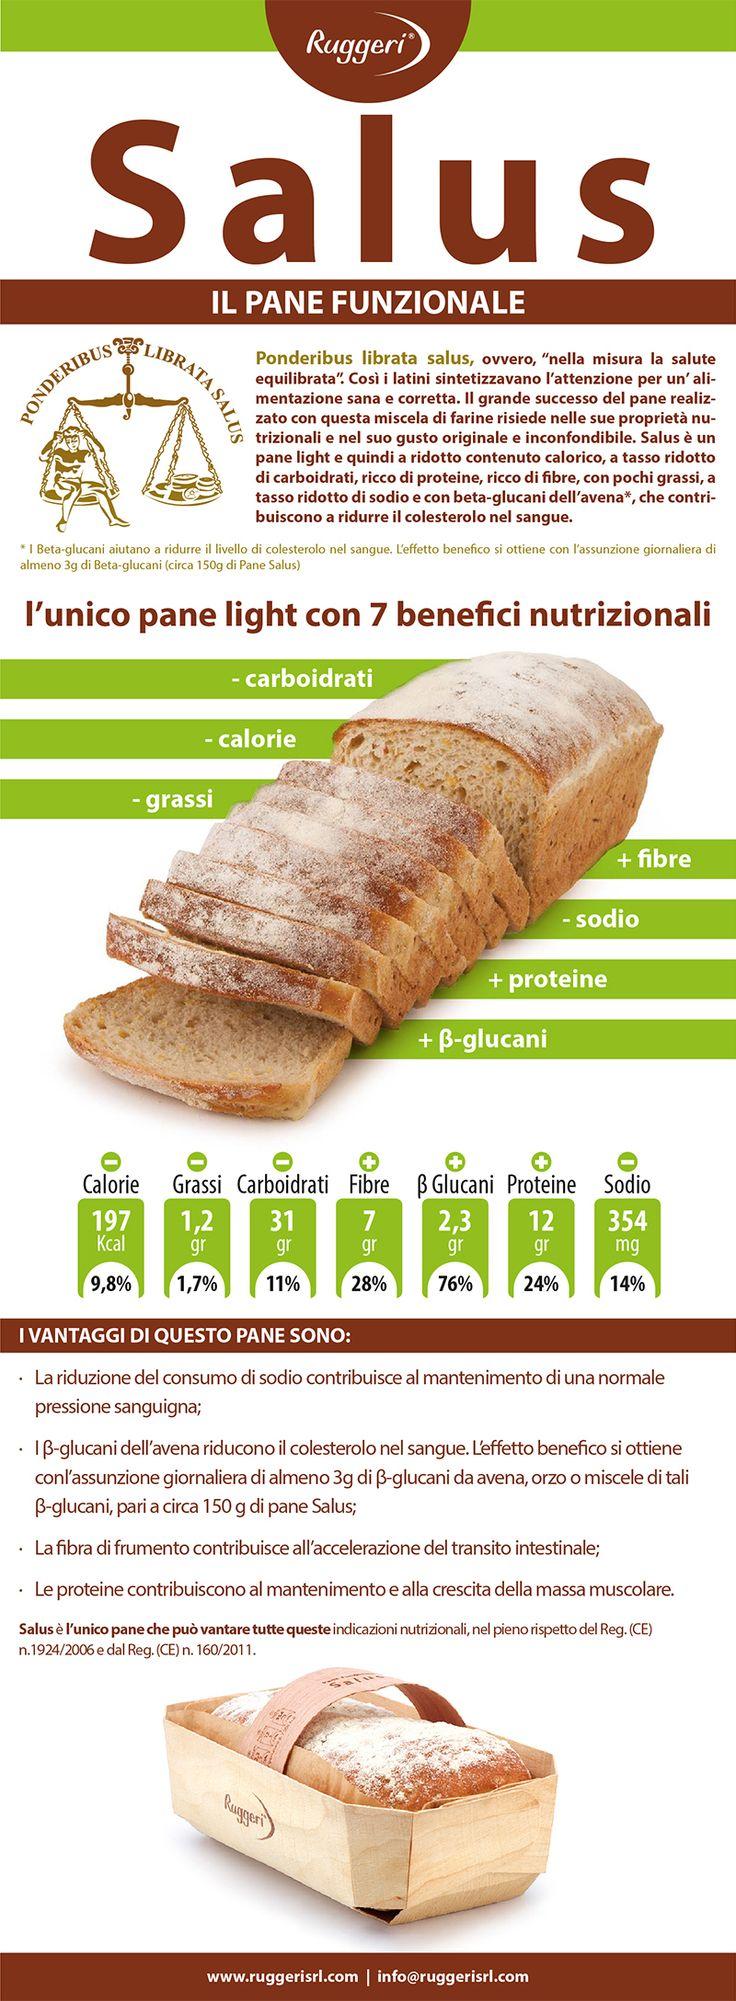 Salus, l'unico pane funzionale con ben 7 benefici nutrizionali. Salus è un preparato per ottenere un pane light a ridotto contenuto calorico, tasso ridotto di carboidrati, ricco di proteine, ricco di fibre, con pochi grassi, a tasso ridotto di sodio e con beta-glucani dell'avena. Acquistalo ora su http://www.ruggerishop.it